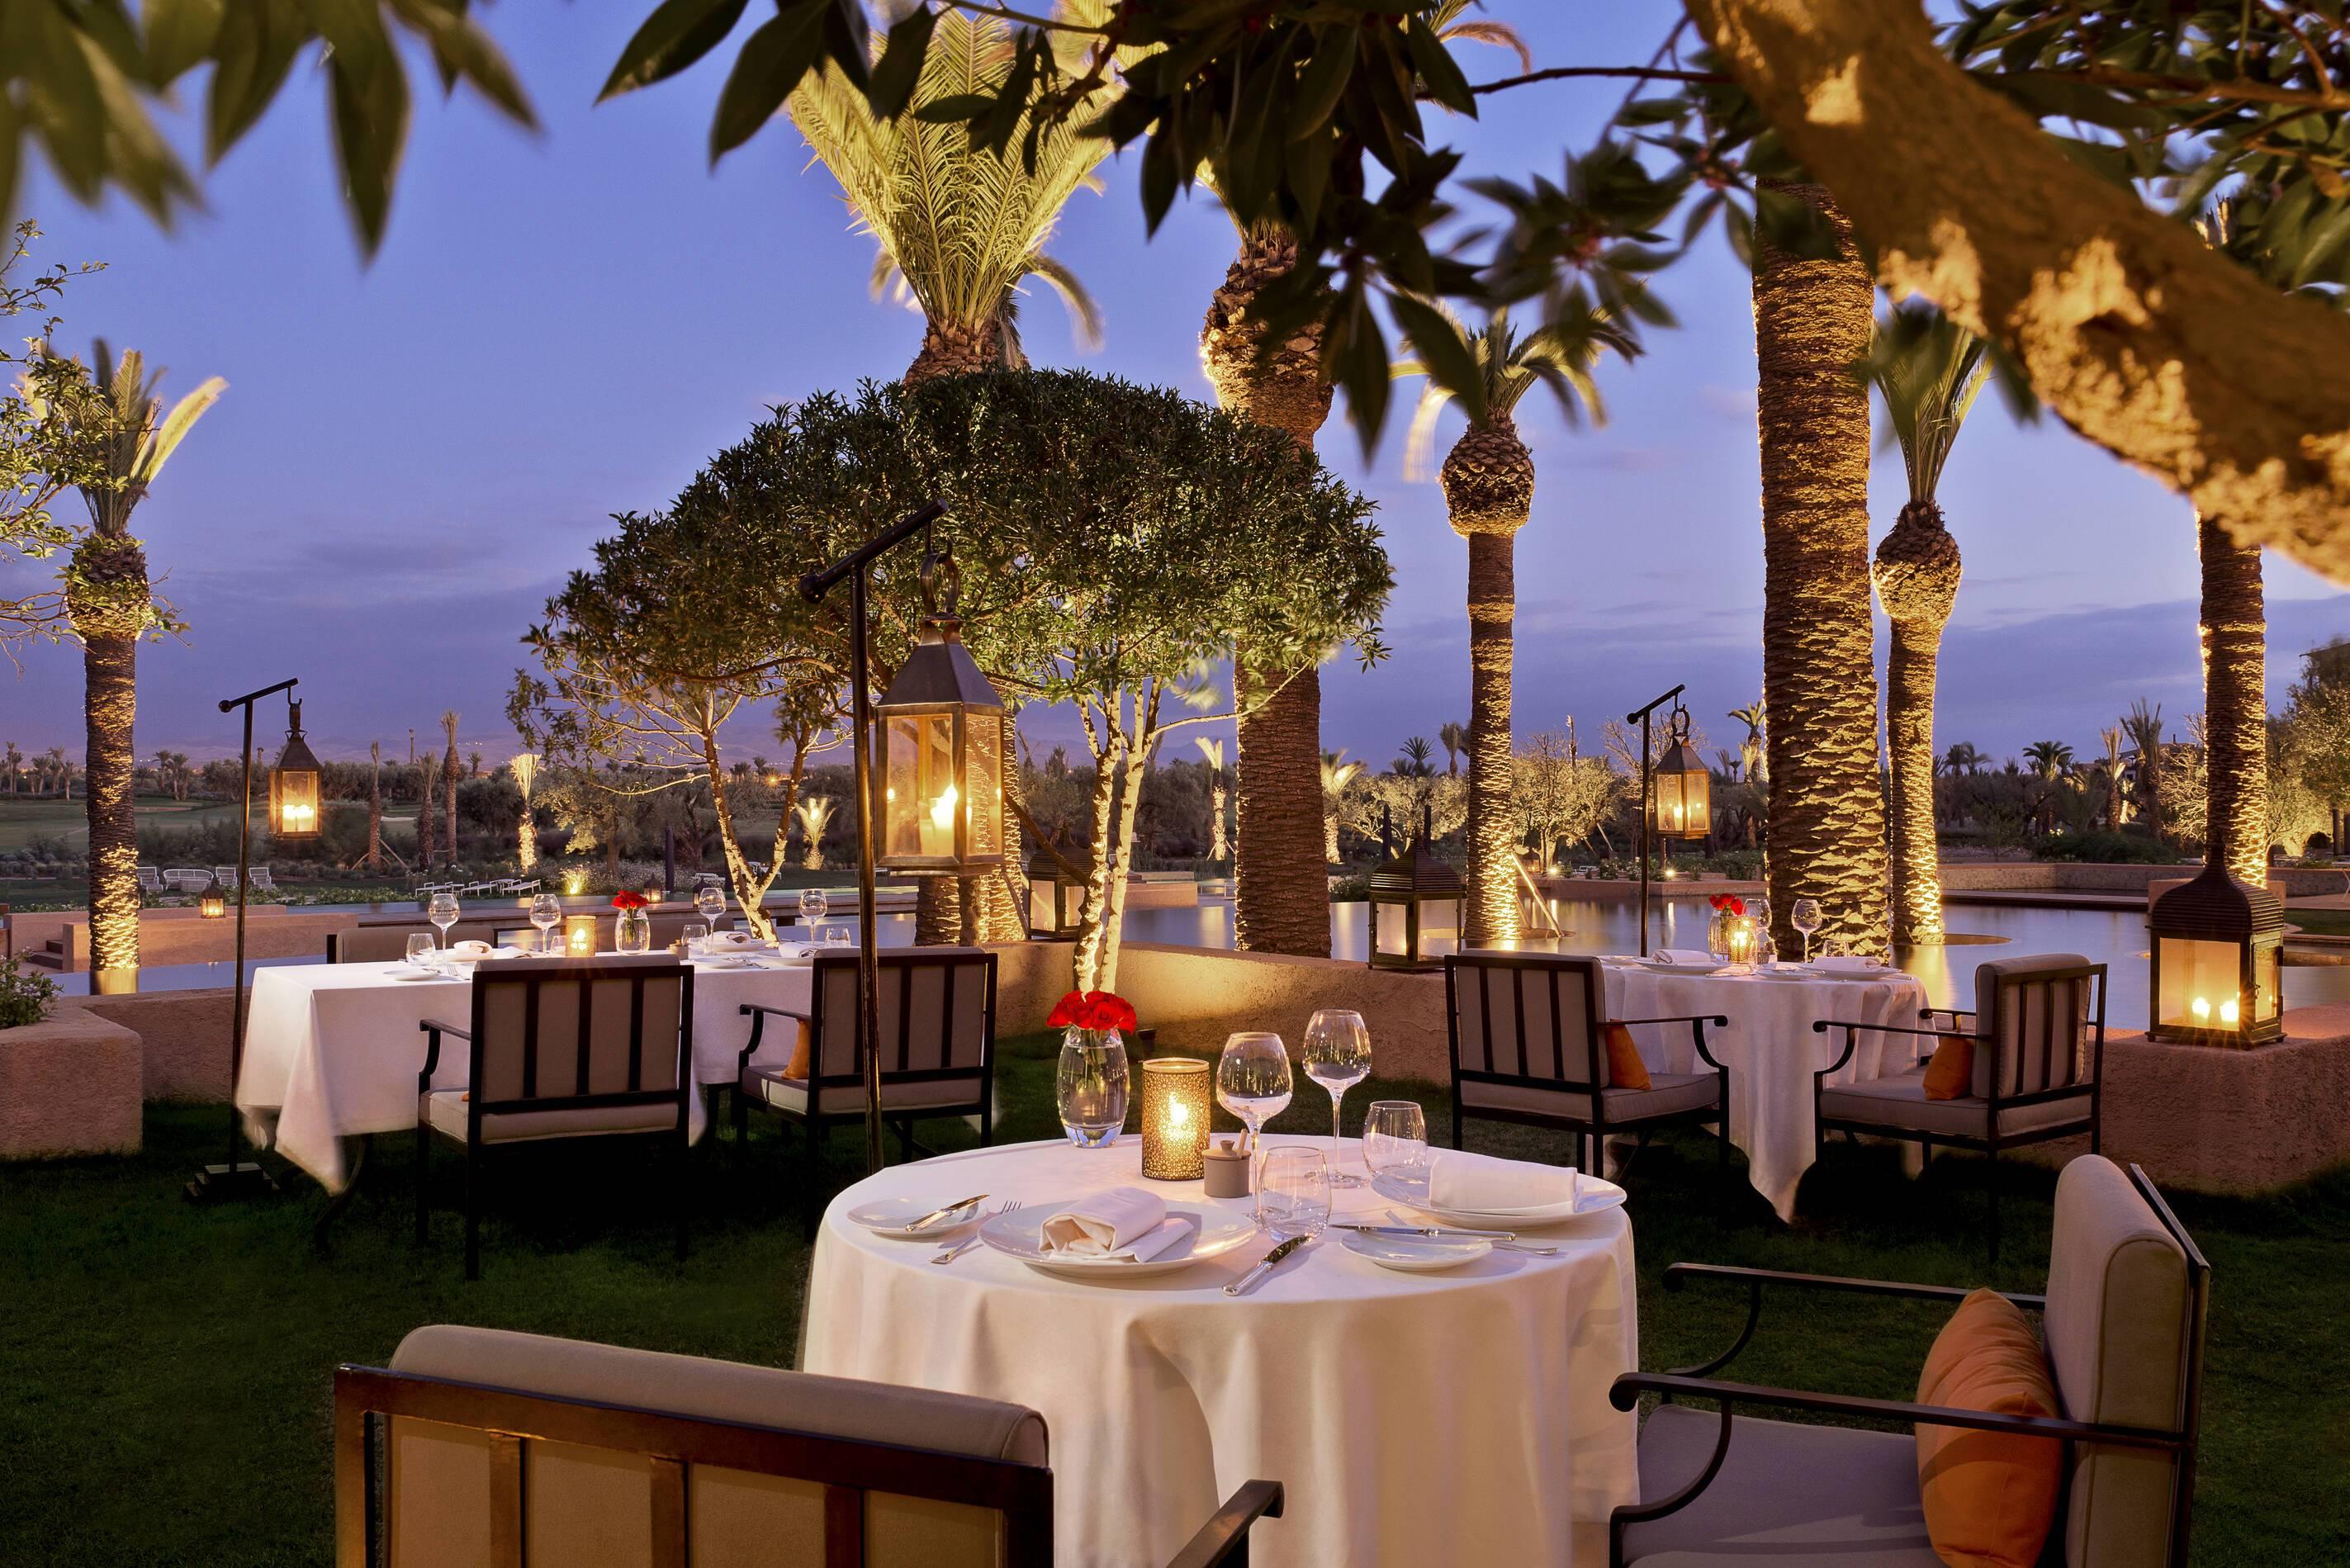 Fairmont Royal Palm Restaurant Le Caravane Marrakech